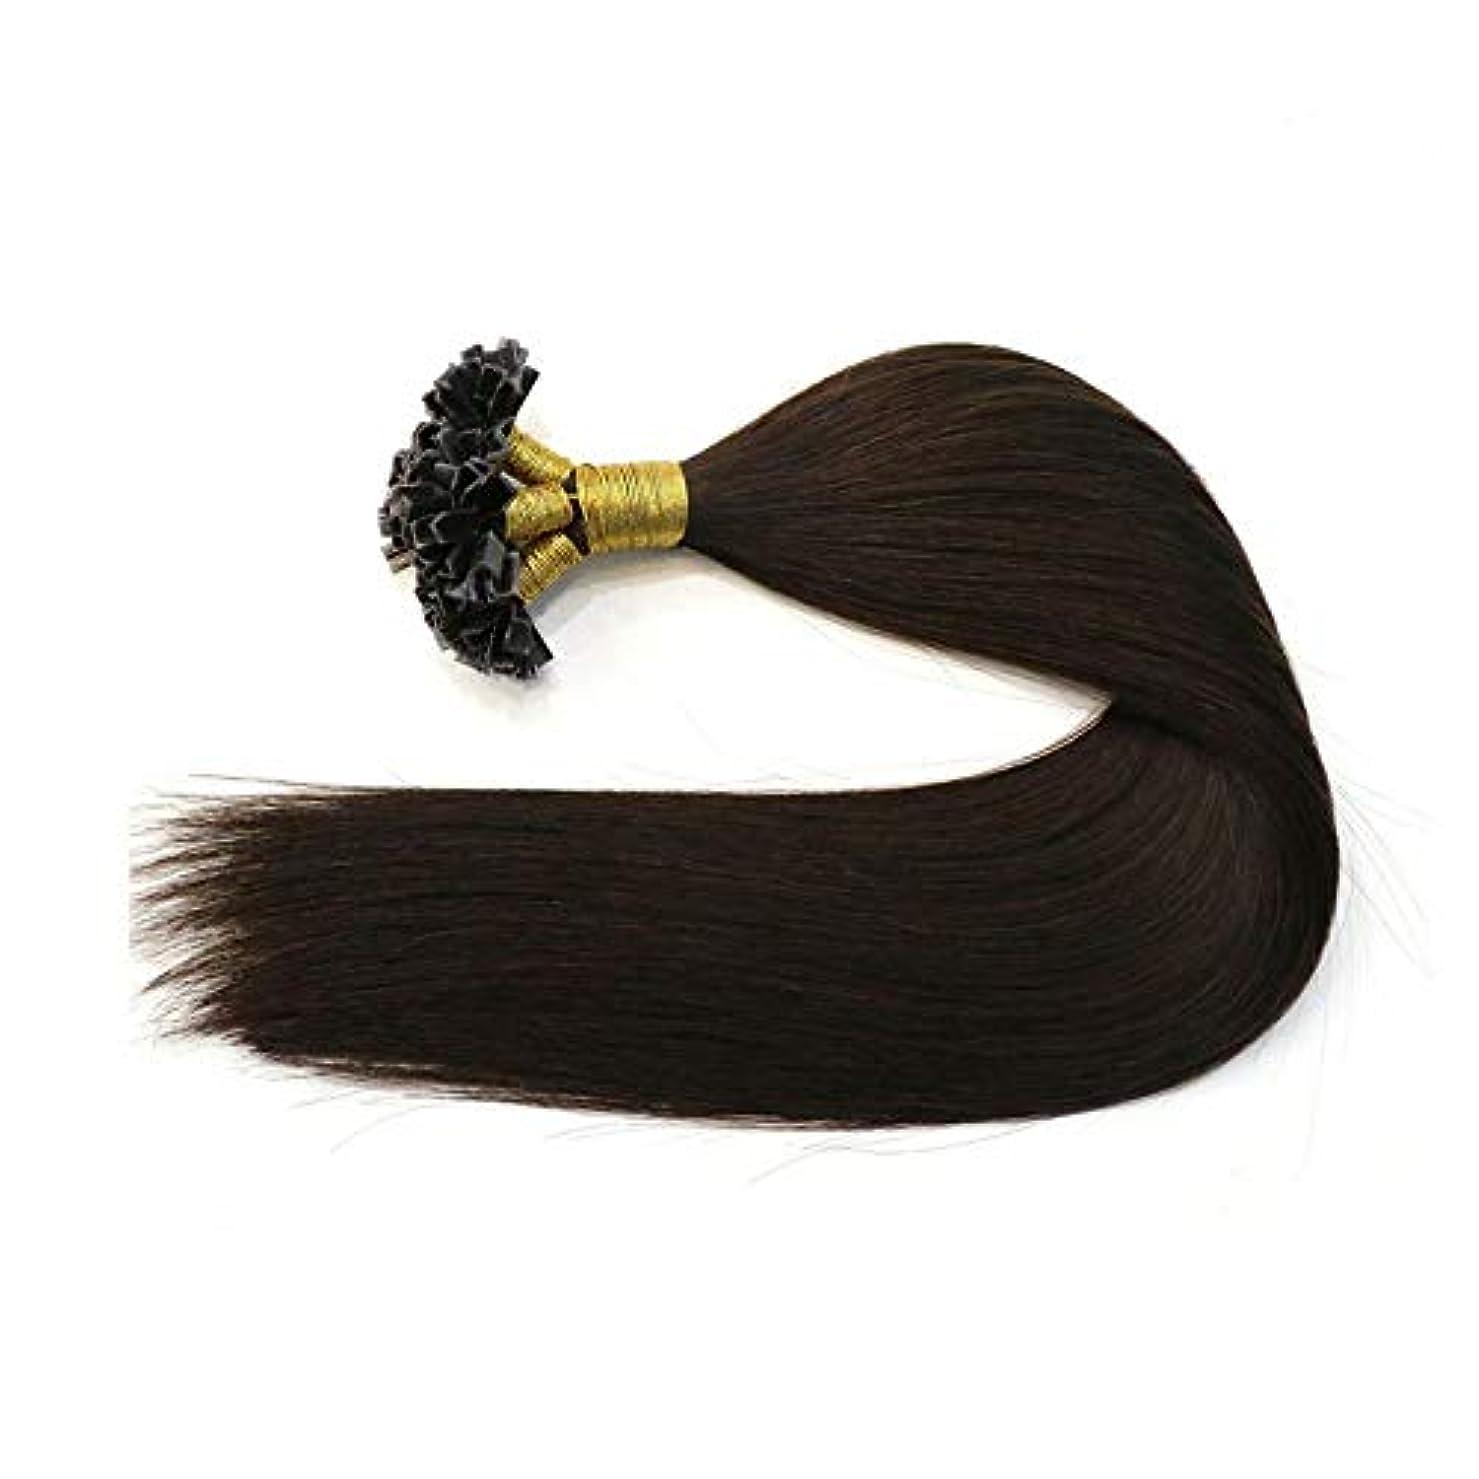 ピクニック学部長ラブJULYTER ブラックナノチップフュージョン人間の髪の毛の拡張子レミーブラジルの髪の毛本能的なナノリング髪 (色 : 黒, サイズ : 22 inch)